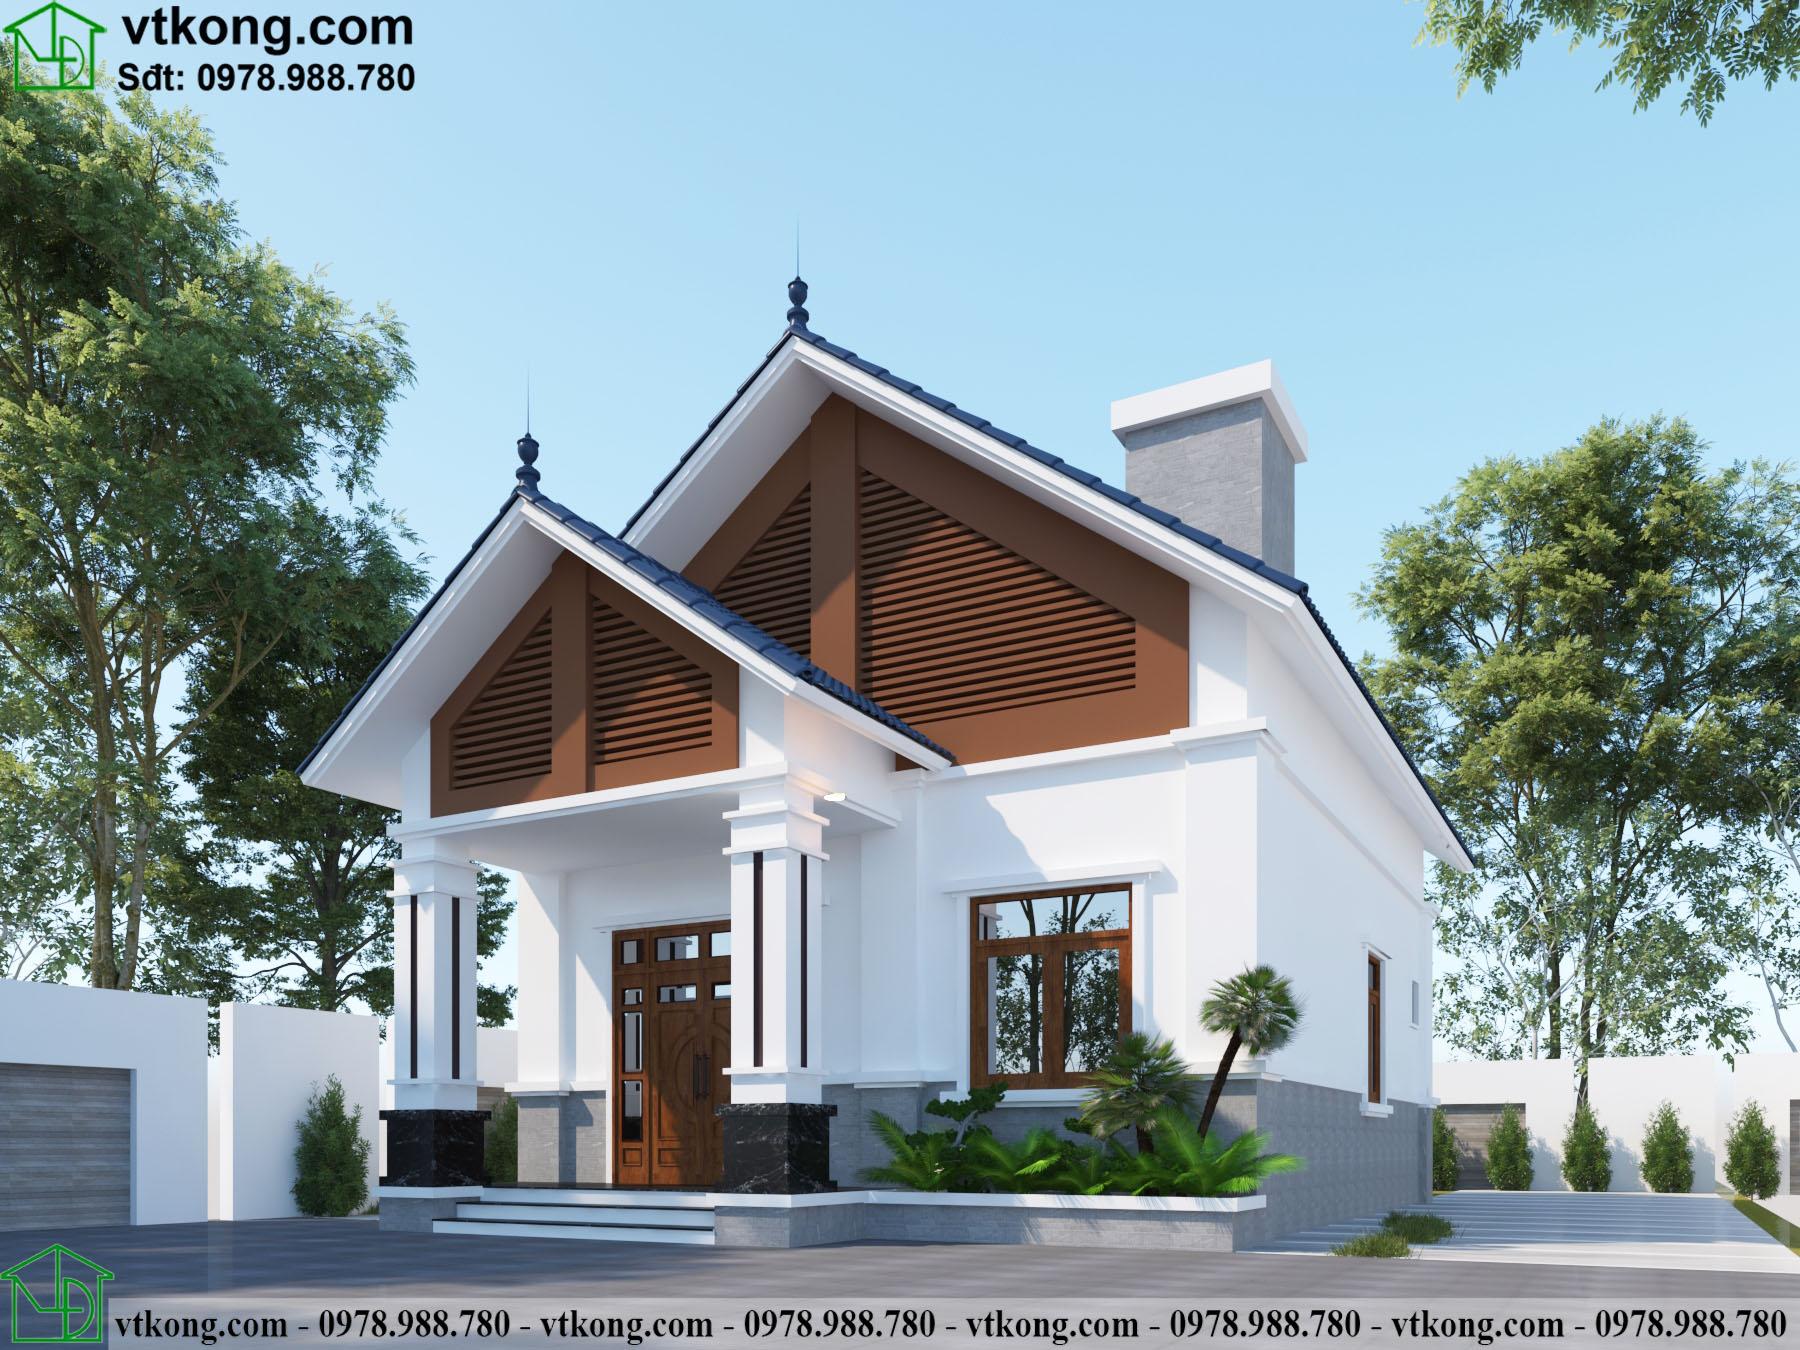 Nhà Cấp 4 Mái Thái 8x10m Tại Sơn La Nc4110